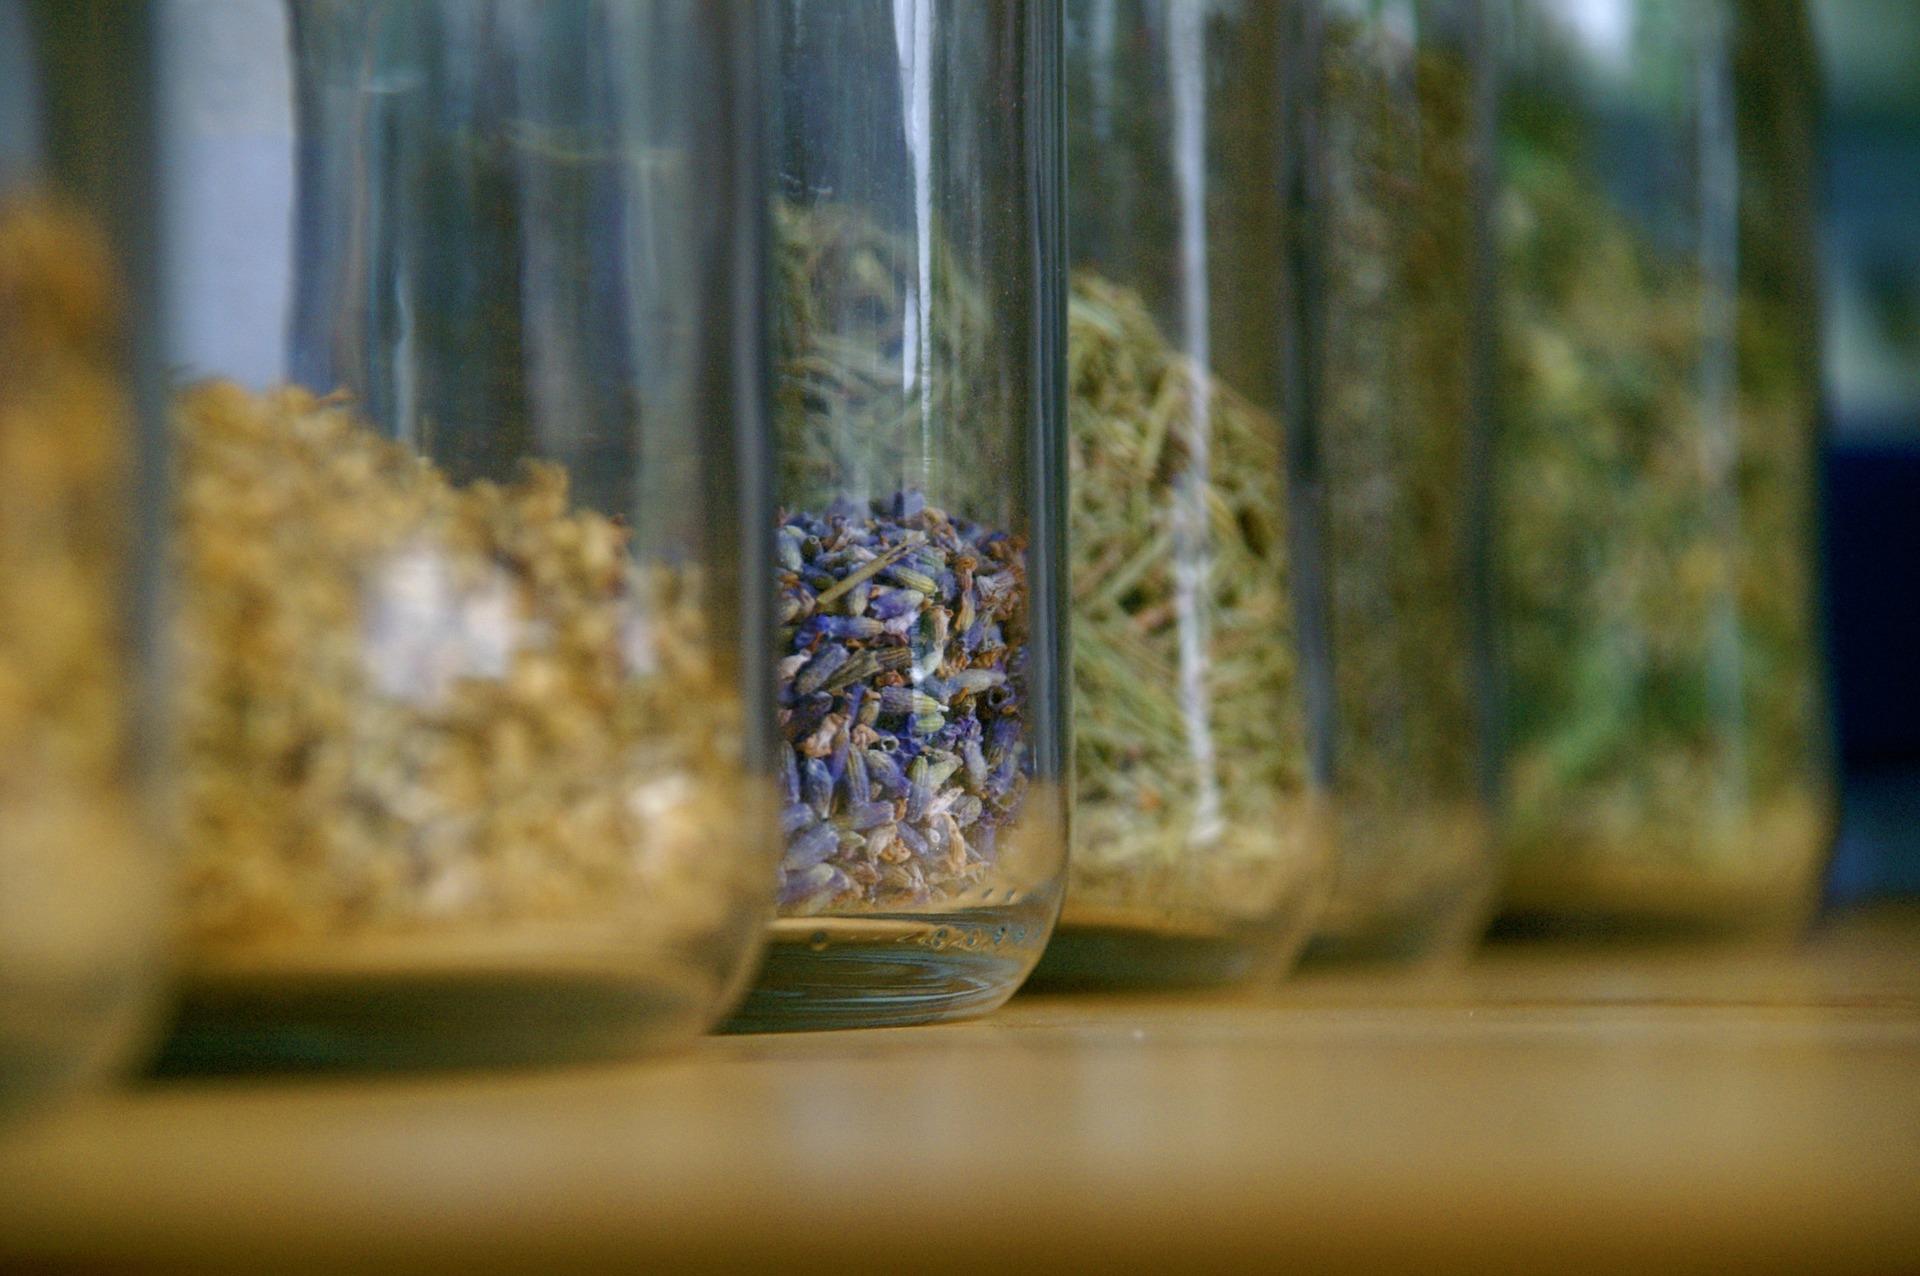 herbs-1428787_1920.jpg